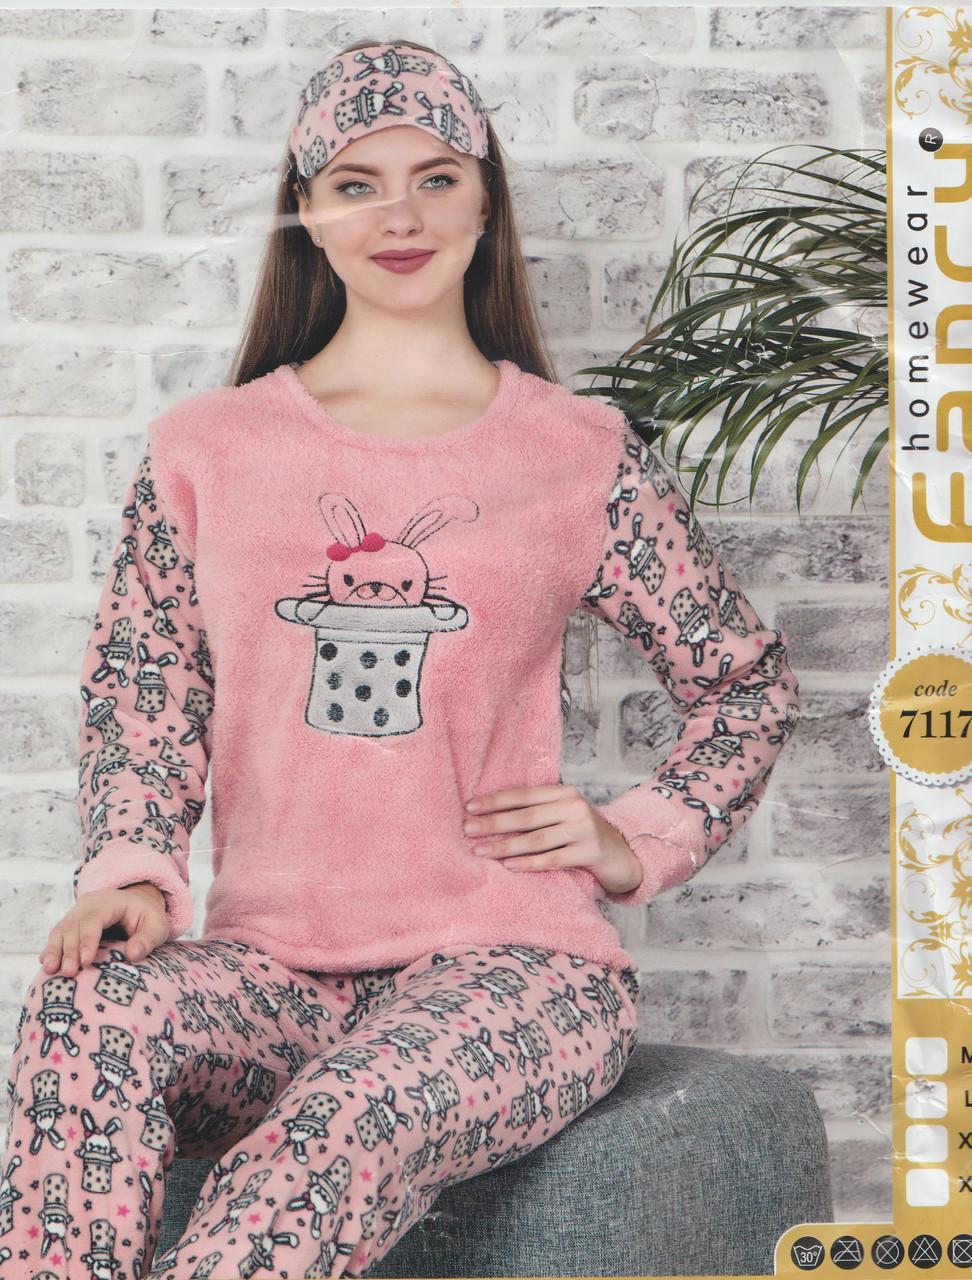 """Тепла жіноча флісова махрова піжама з пов'язкою""""Fancy"""" Туреччина Art:-7117"""